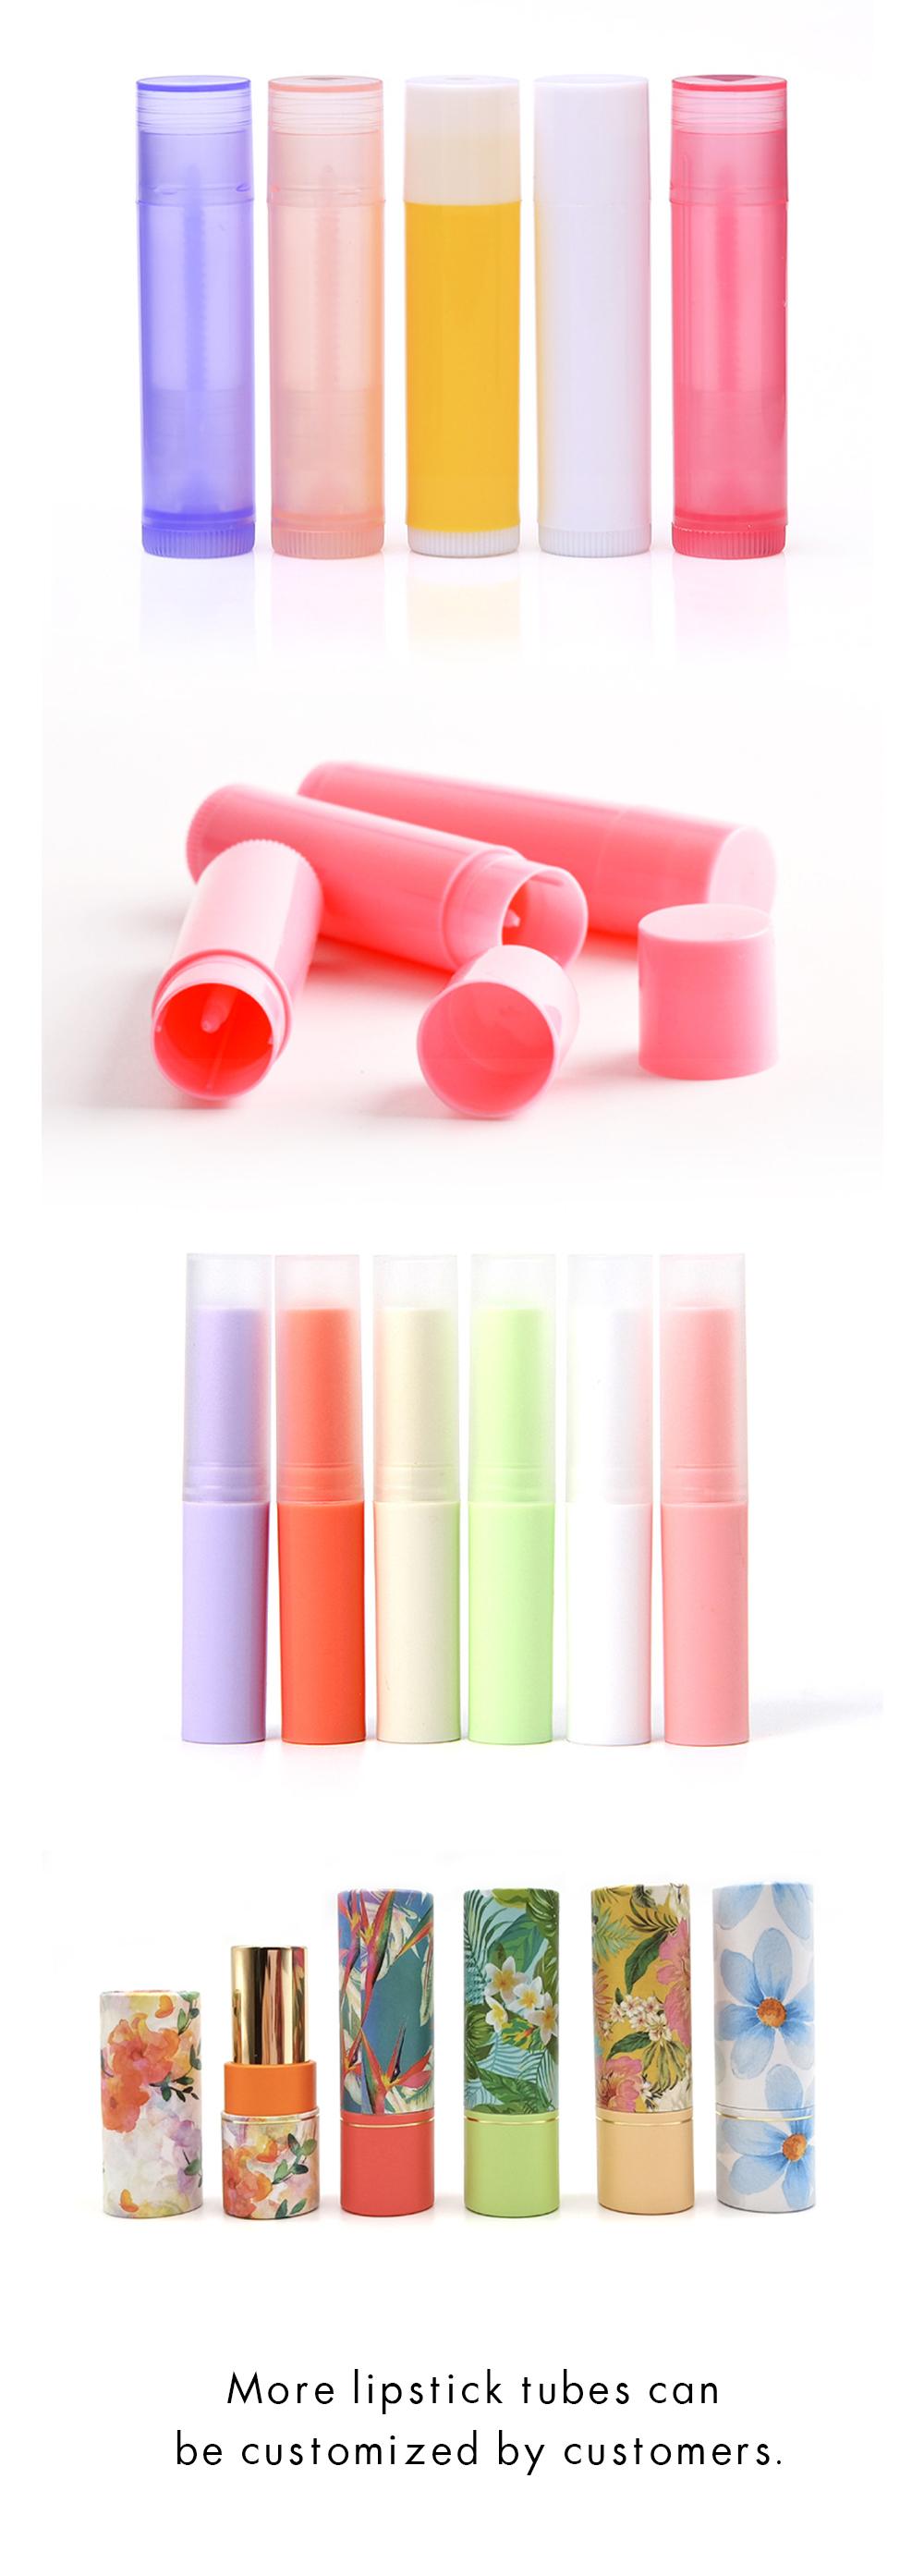 Lip balm tube customization